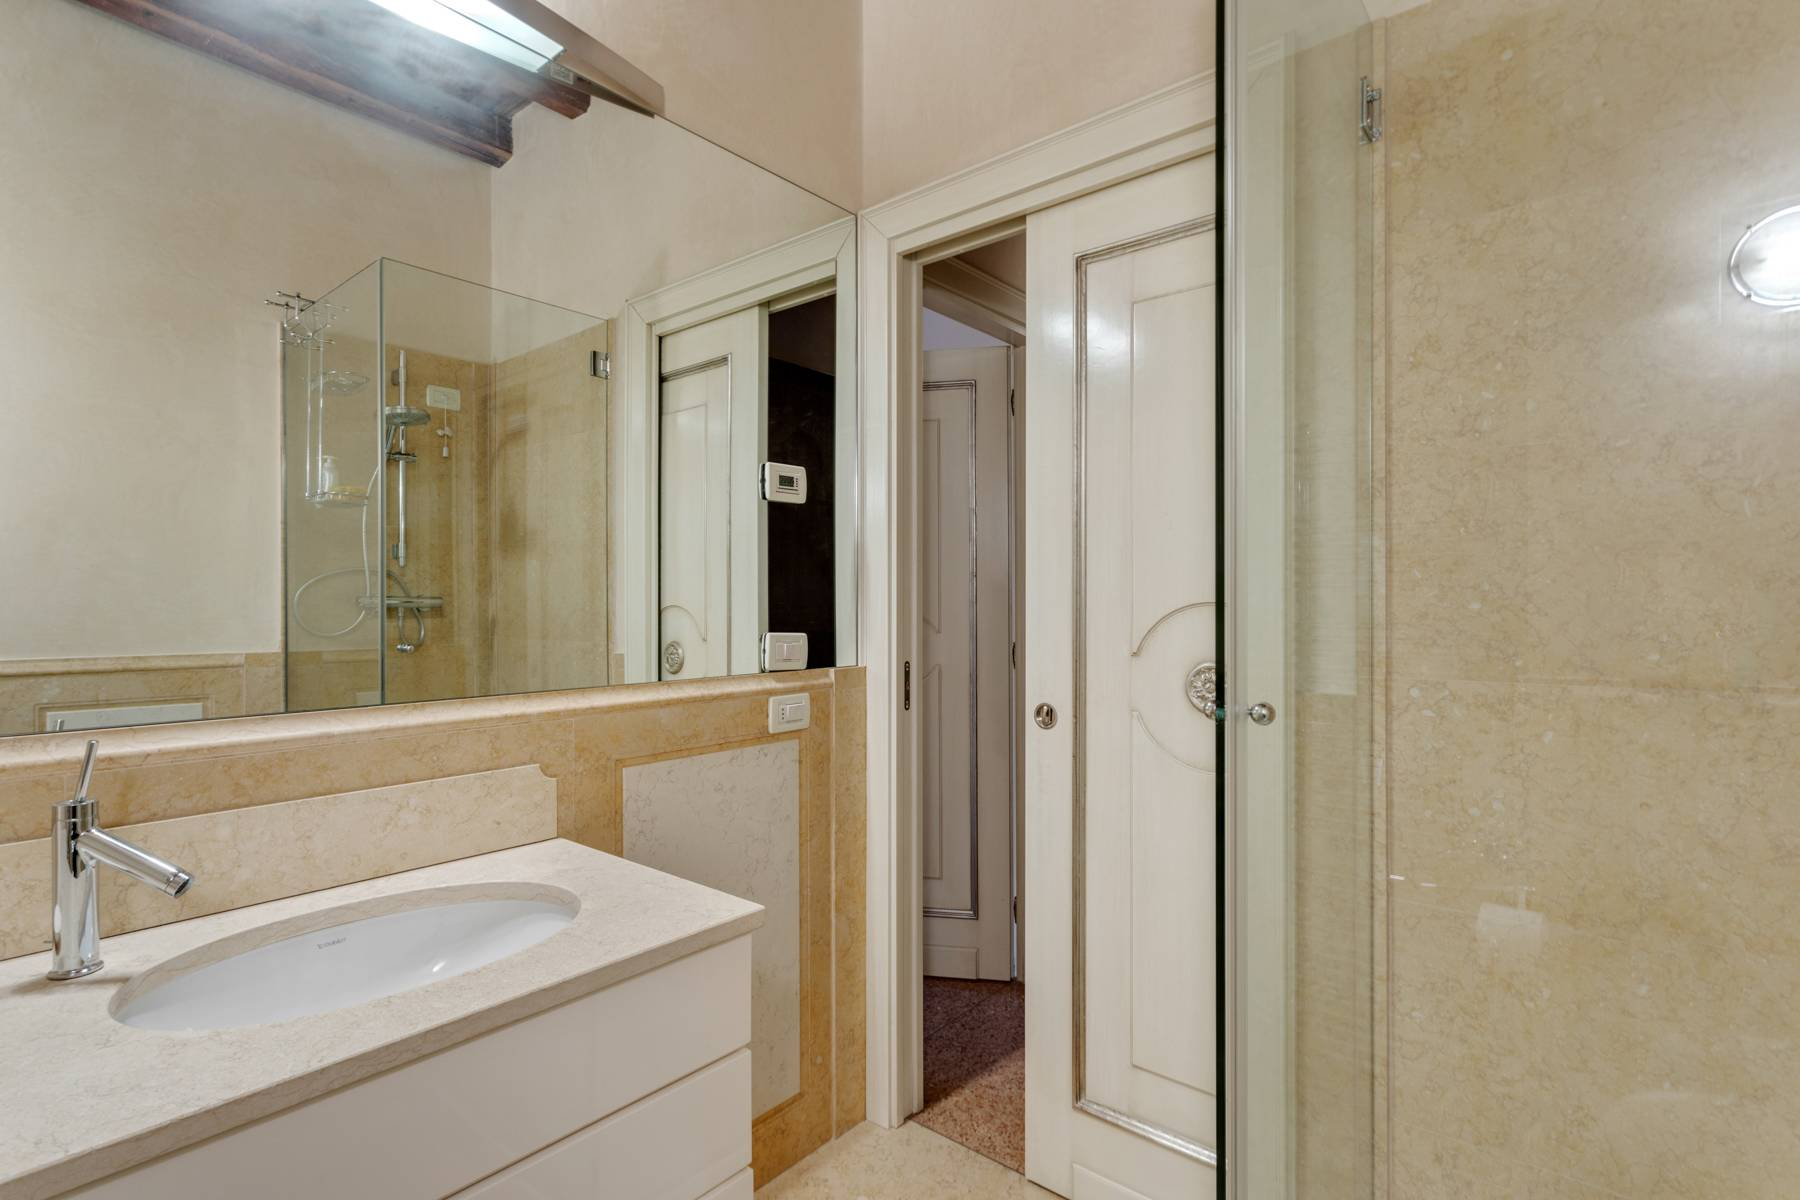 Appartamento in Vendita a Verona: 3 locali, 55 mq - Foto 9